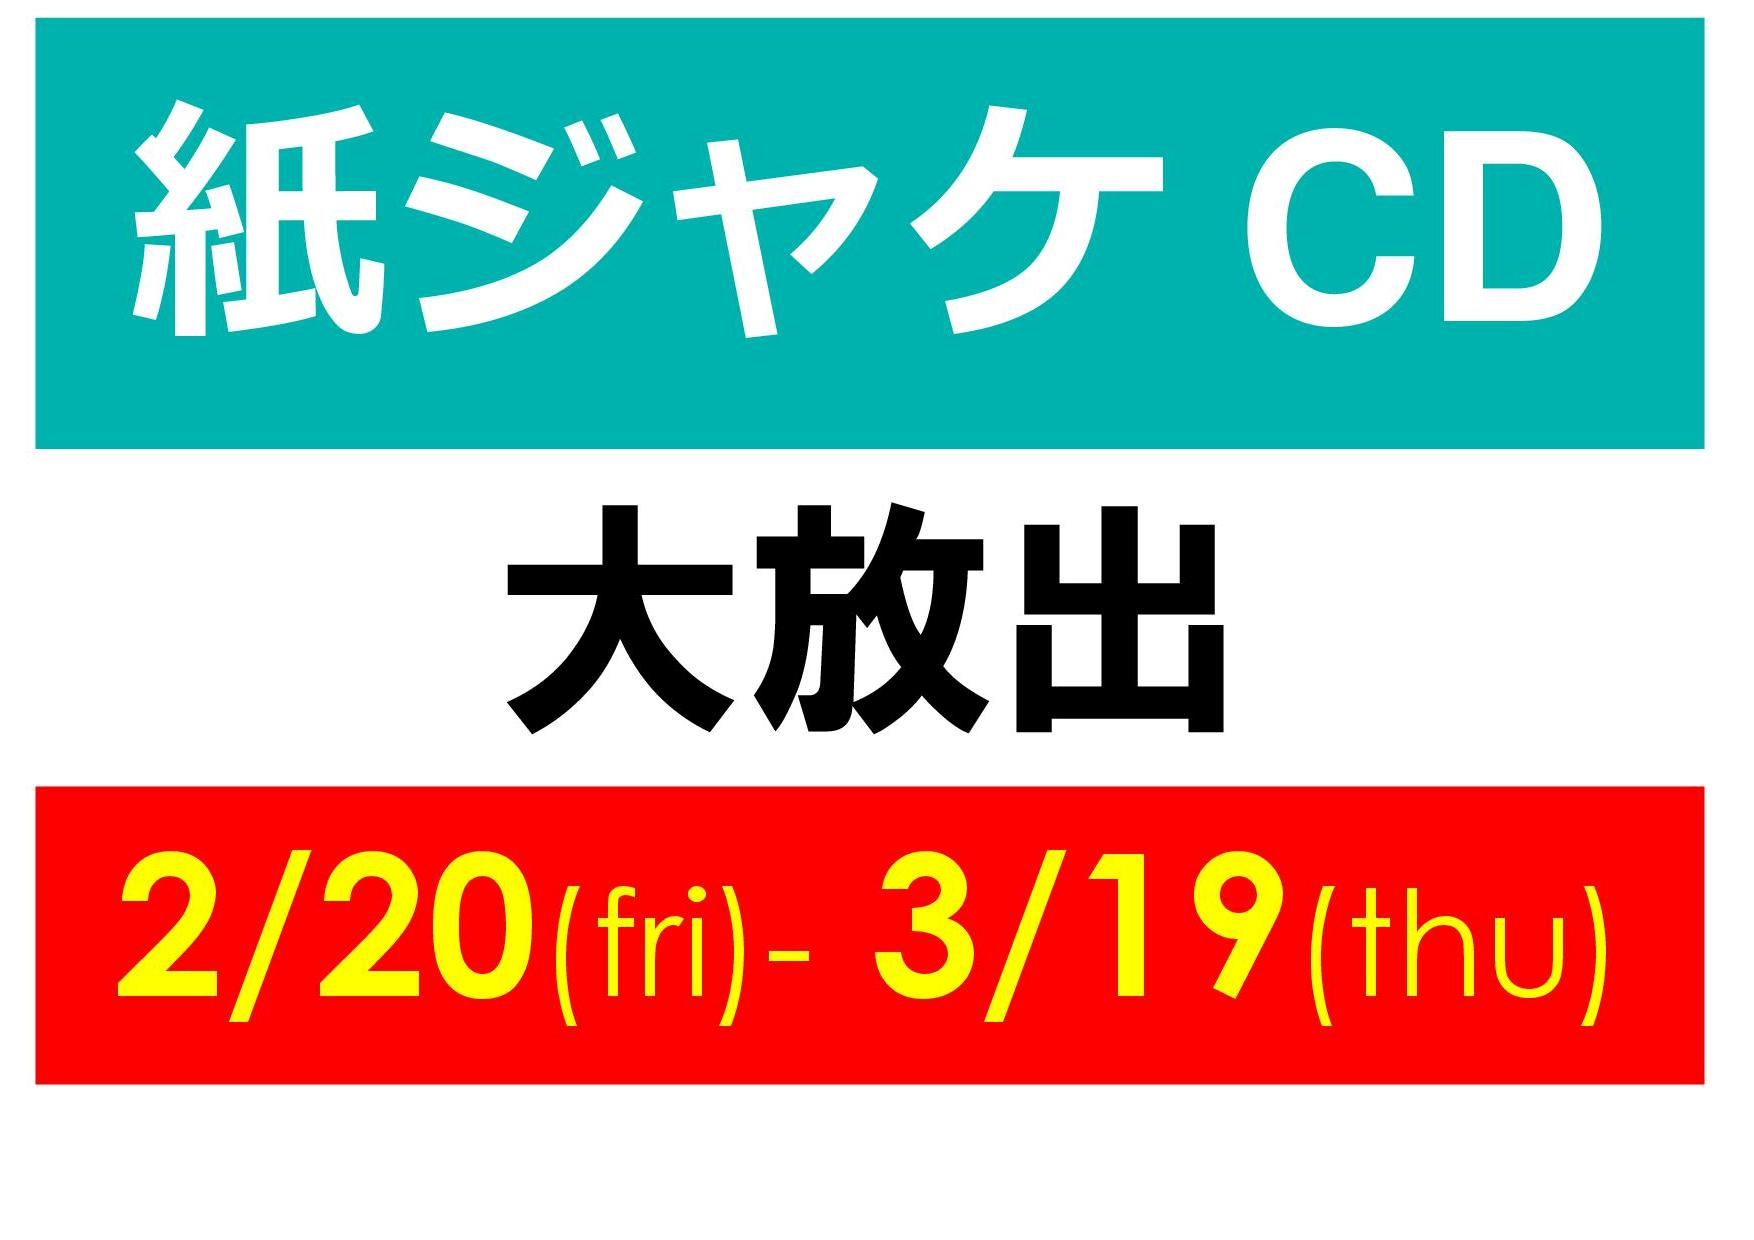 【ジャズシンジケート】Jazz紙ジャケCD大放出2015